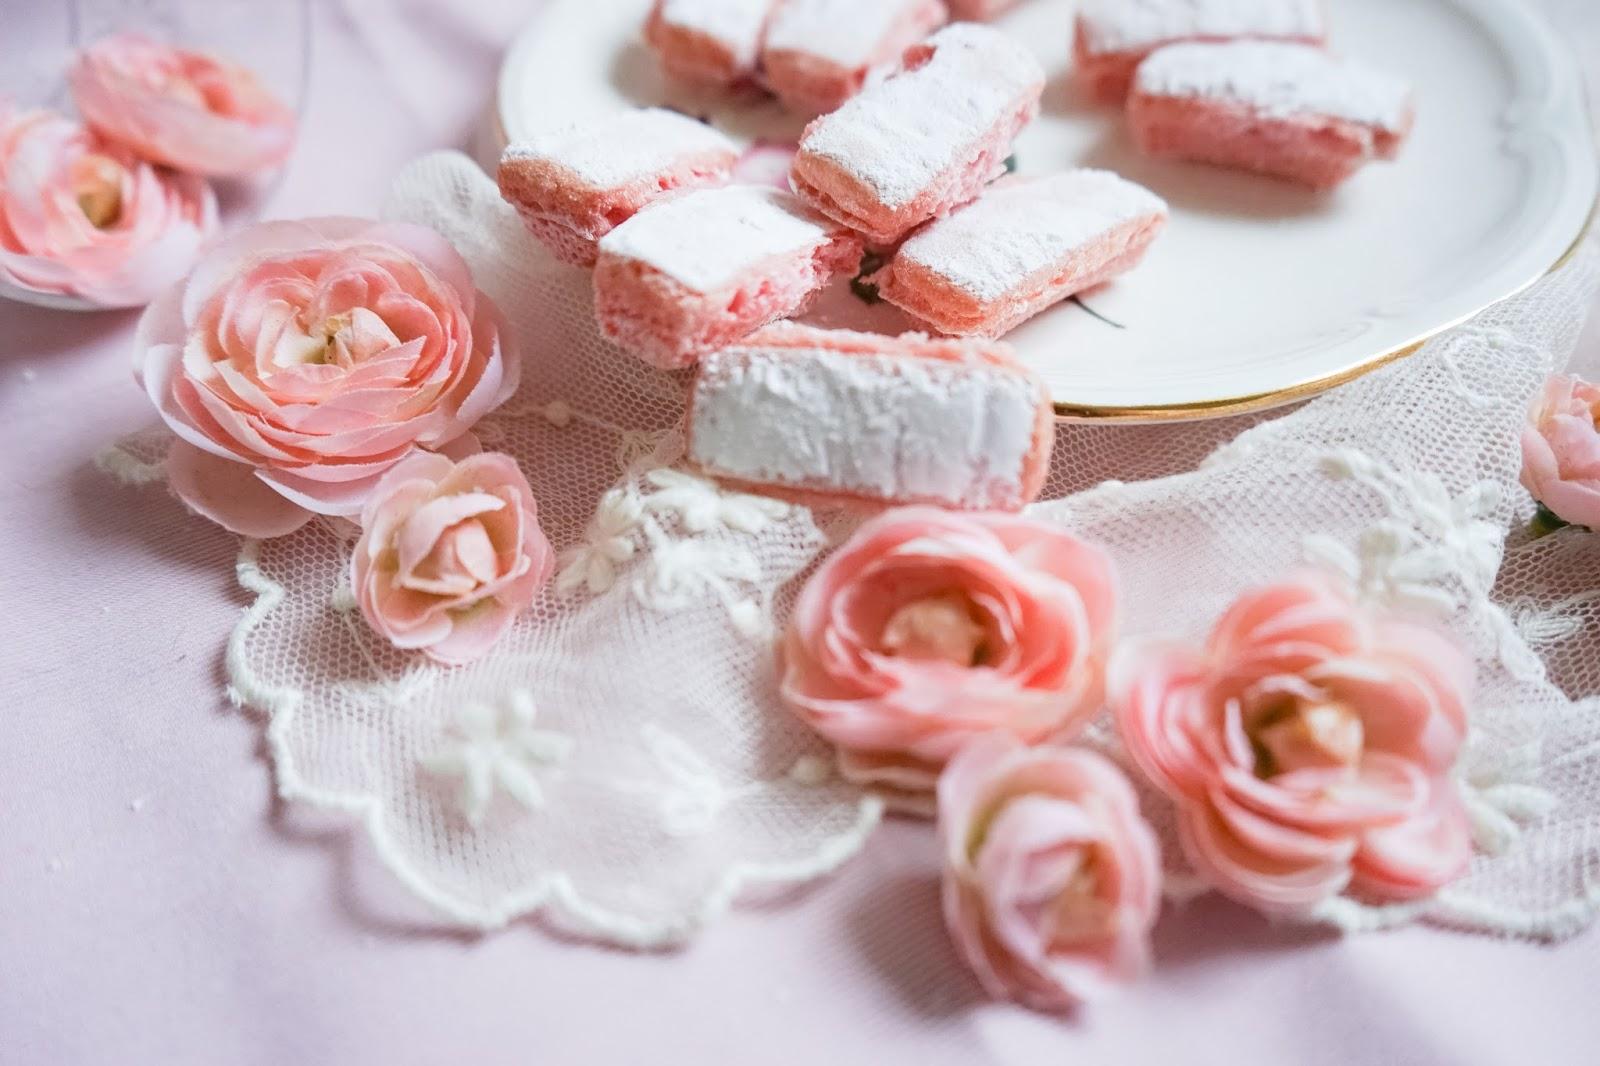 Les biscuits roses de Reims - Recette